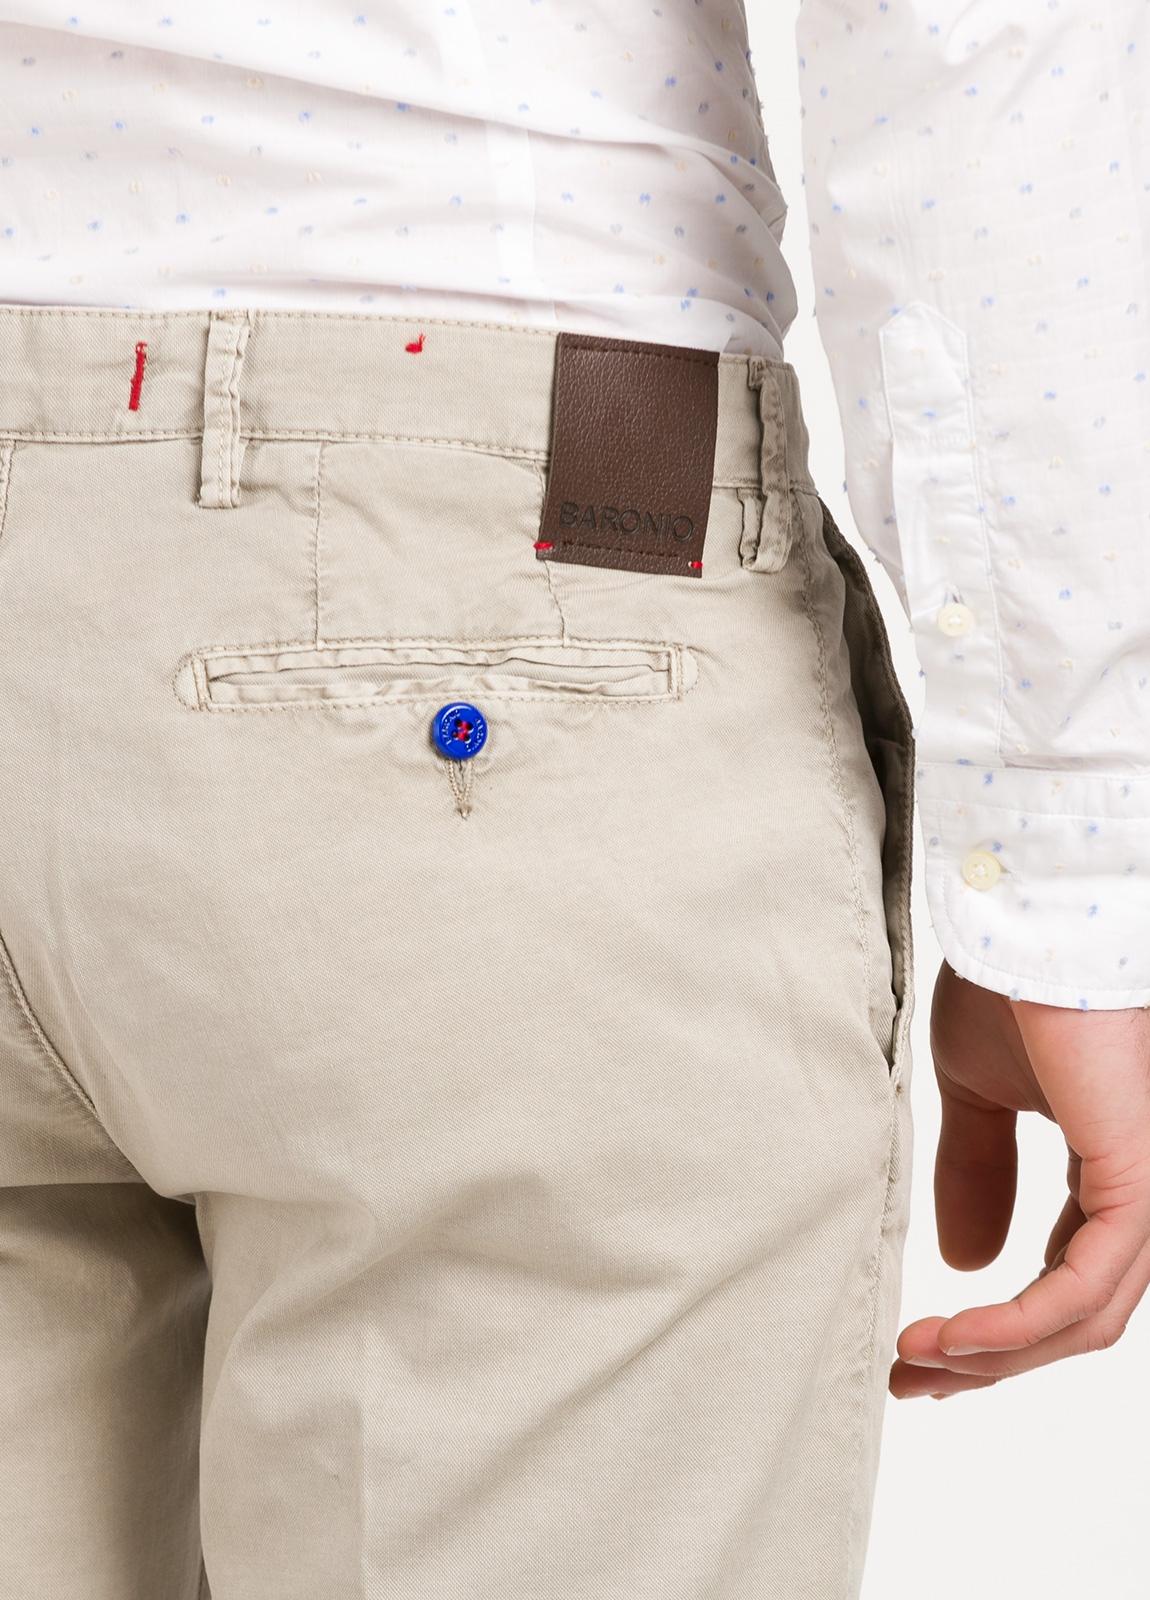 Pantalón chino color piedra. 100% Algodón oxford envejecido. - Ítem1